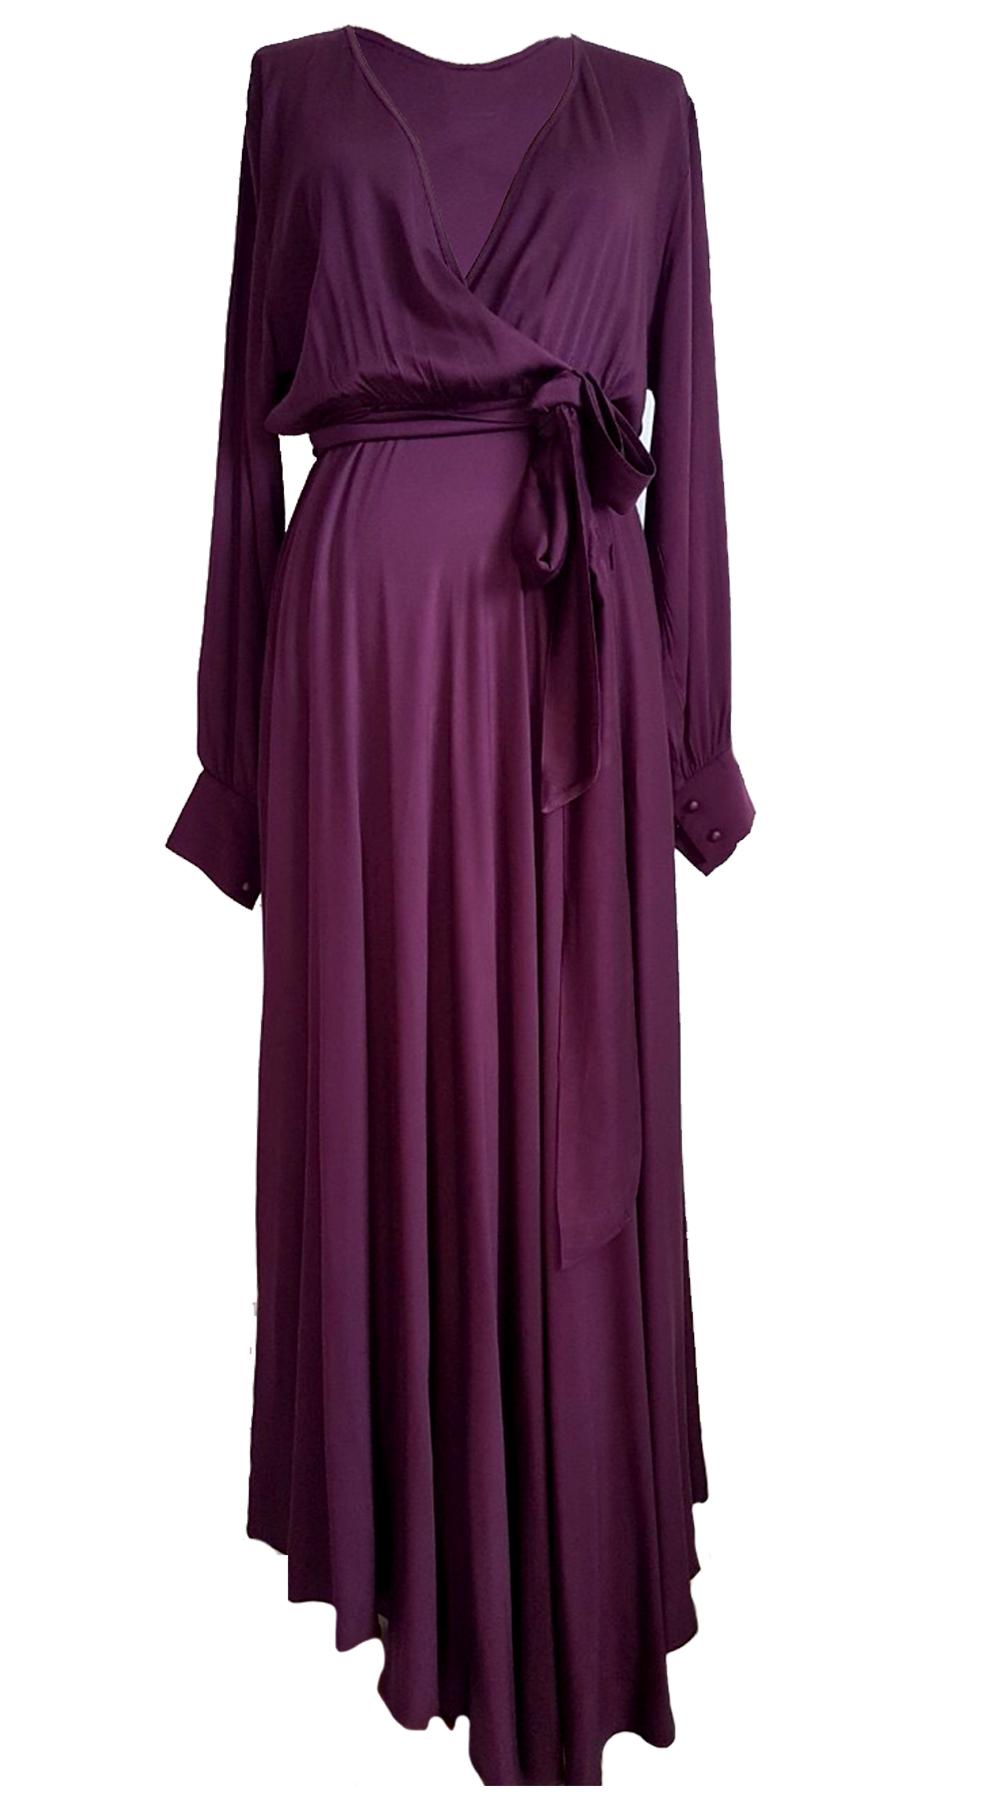 Μάξι φόρεμα με ζώνη Victoire - Greek Brands - FW19L3-52451